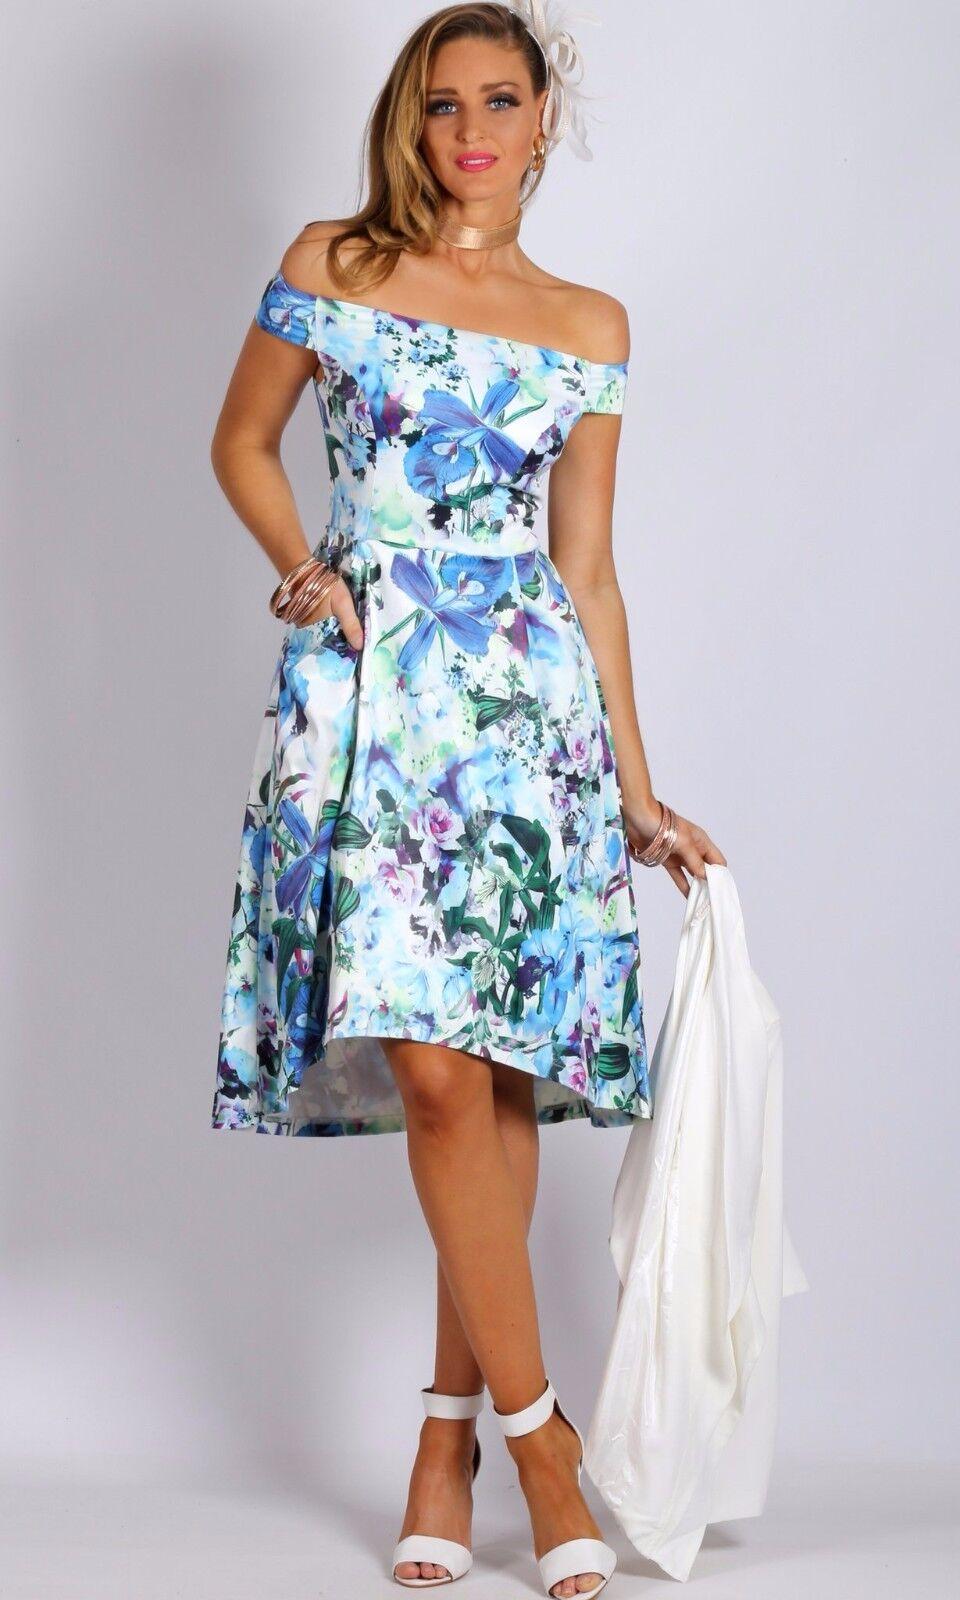 TEABERRY damen OFF SHOULDER HIGH LOW Blau FLORAL DRESS